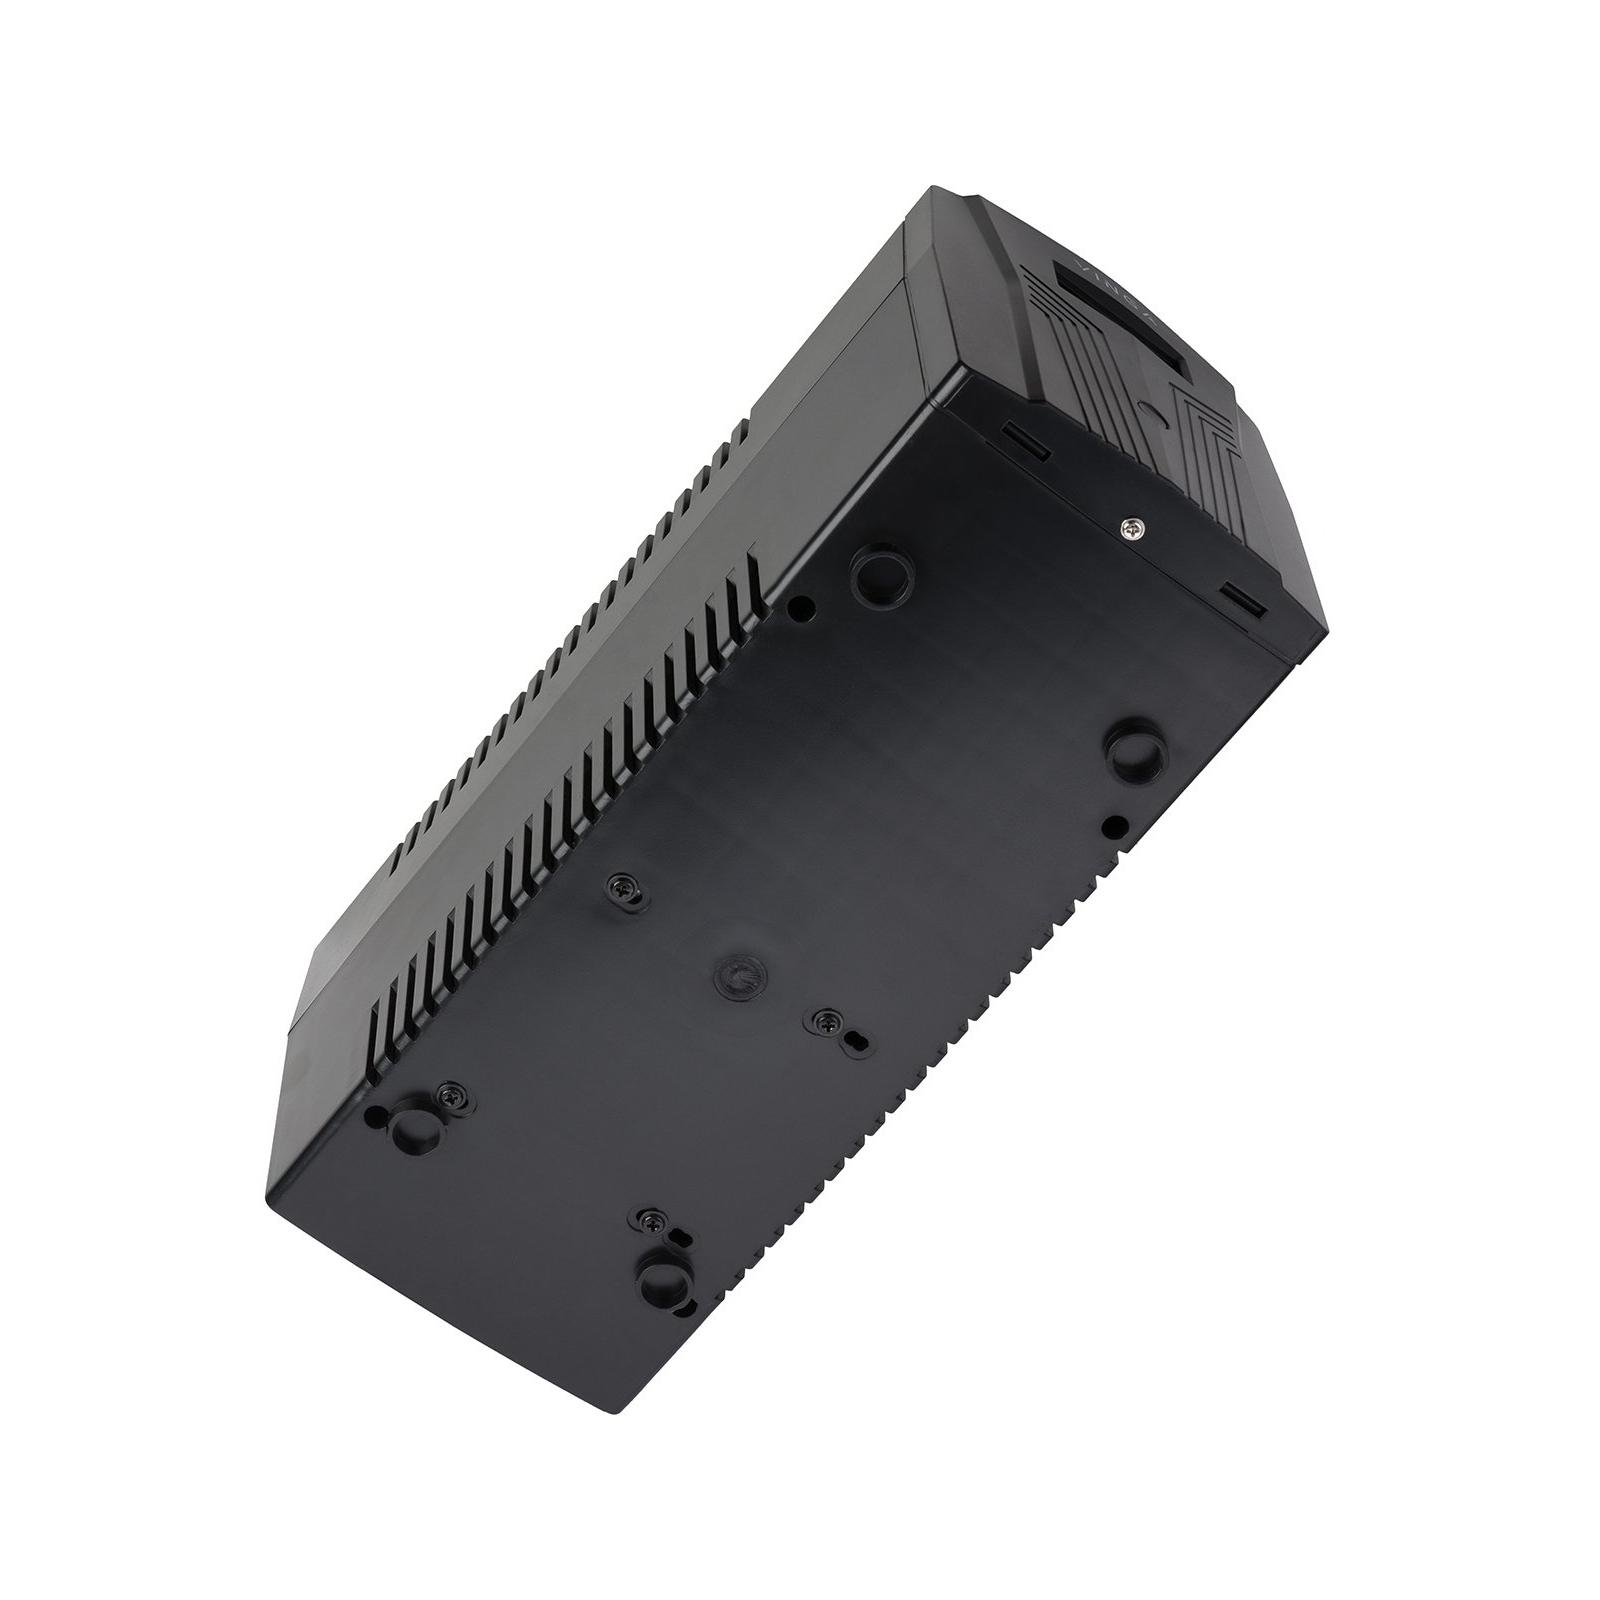 Источник бесперебойного питания Vinga LCD 1200VA plastic case (VPC-1200P) изображение 6